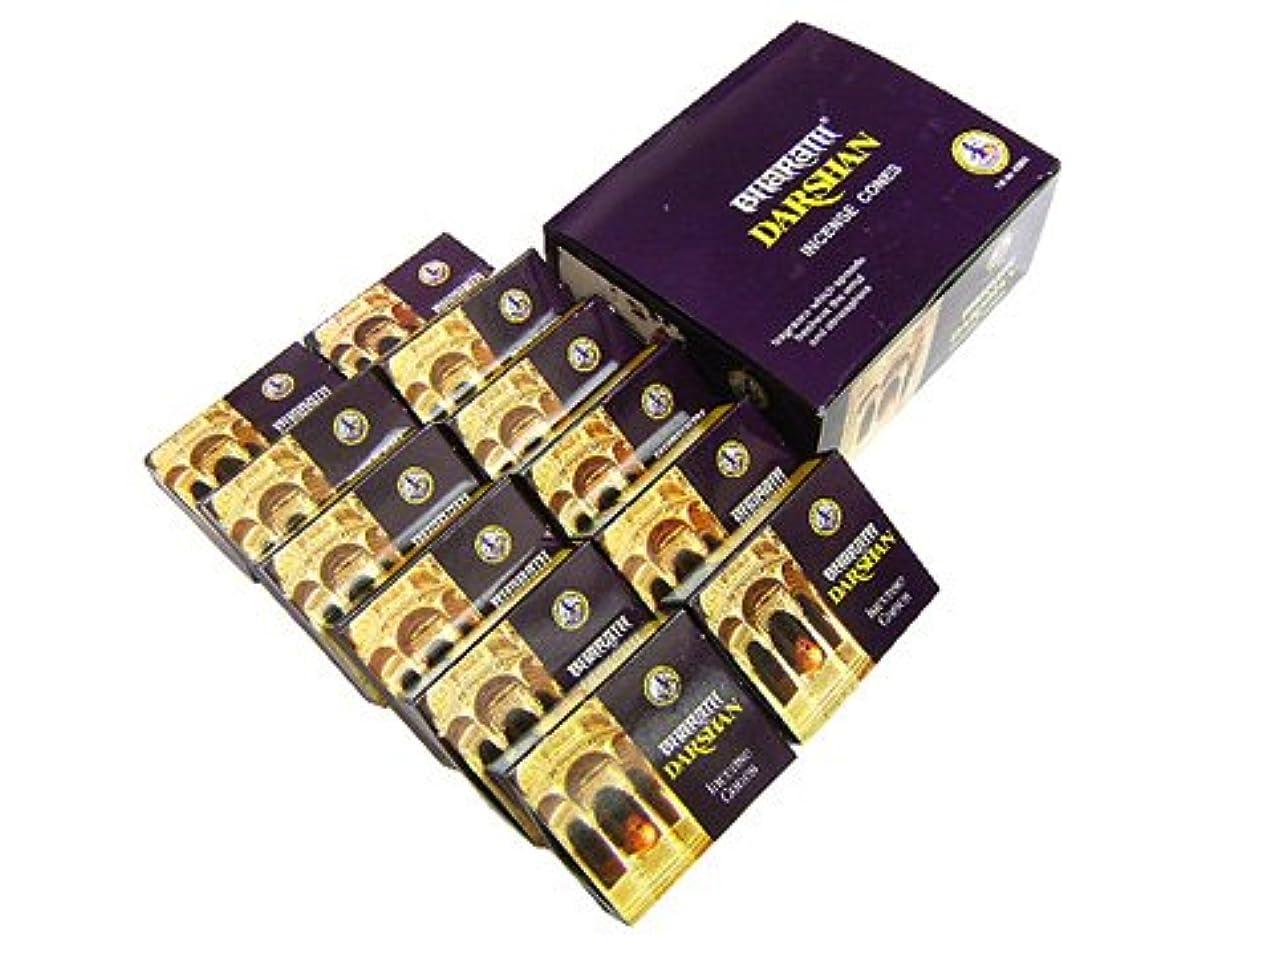 マインド勇者レタスASOKA TRADING(アショーカ トレーディング) バハラットダルシャン香コーンタイプ TRADING BHARATH DARSHAN CORN 12箱セット